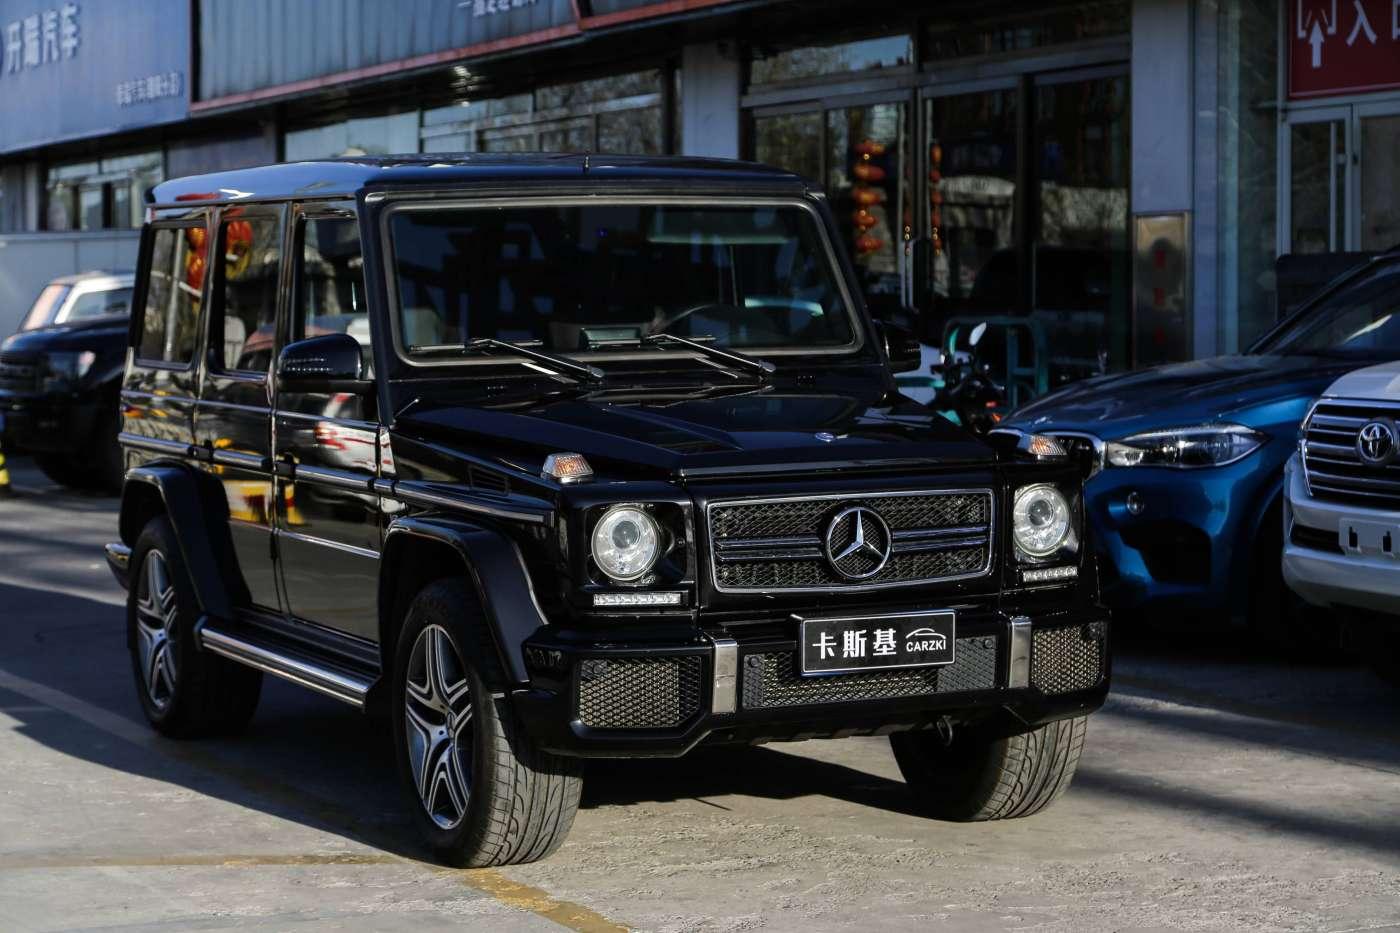 奔驰G级AMG 2013款 AMG G 63|甄选奔驰-北京卡斯基汽车服务有限公司